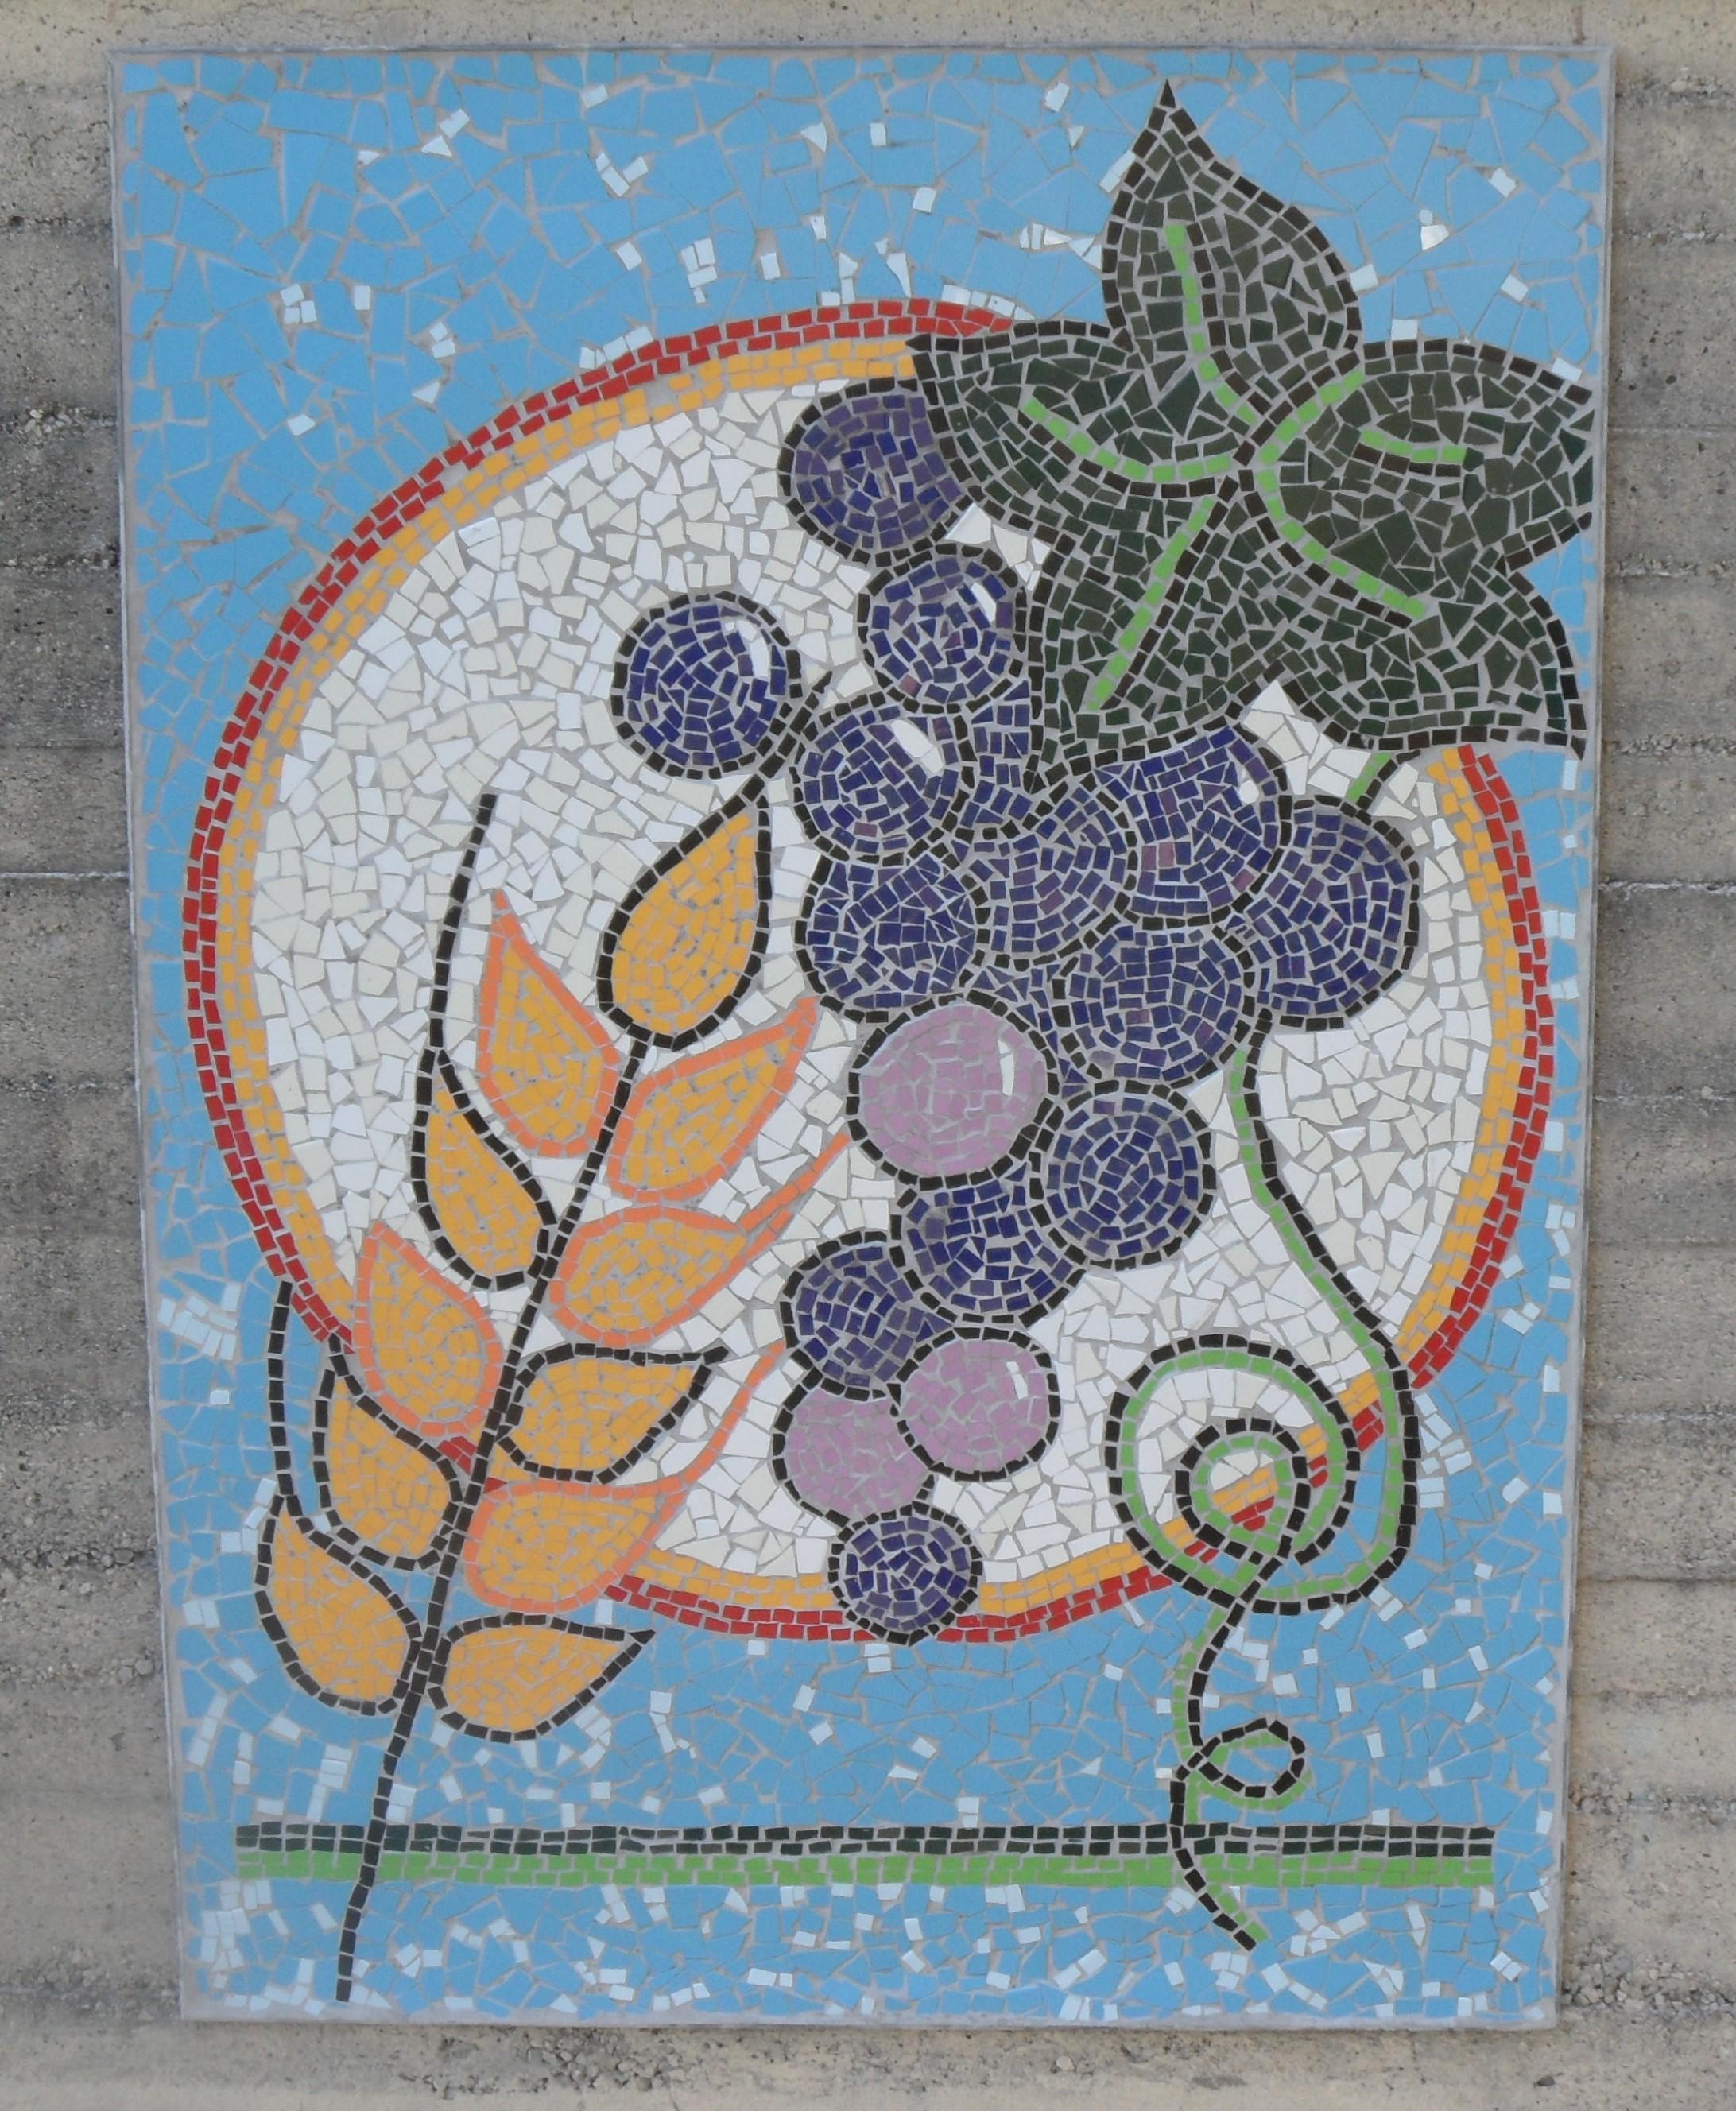 Favorito Pane e Vino, Uva e Grano | PARCO MOSAICI DI BLEVIO (Lago di Como) FB09